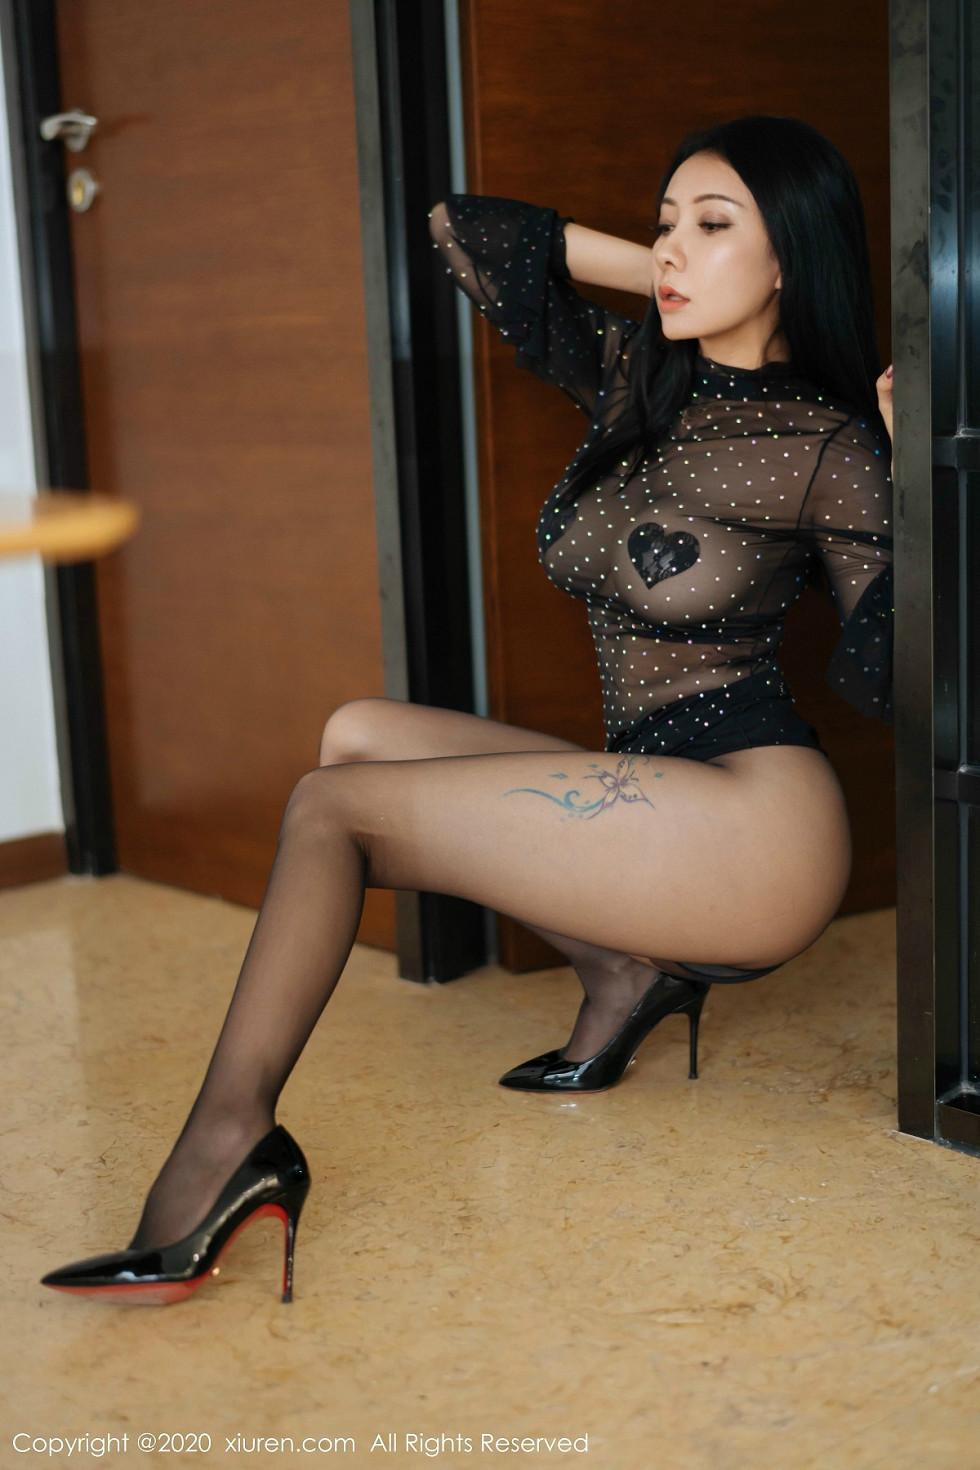 嫩模果兒Victoria私房黑色薄紗透視秀豪乳遮點極致誘惑寫真 - 貼圖 - 清涼寫真 -